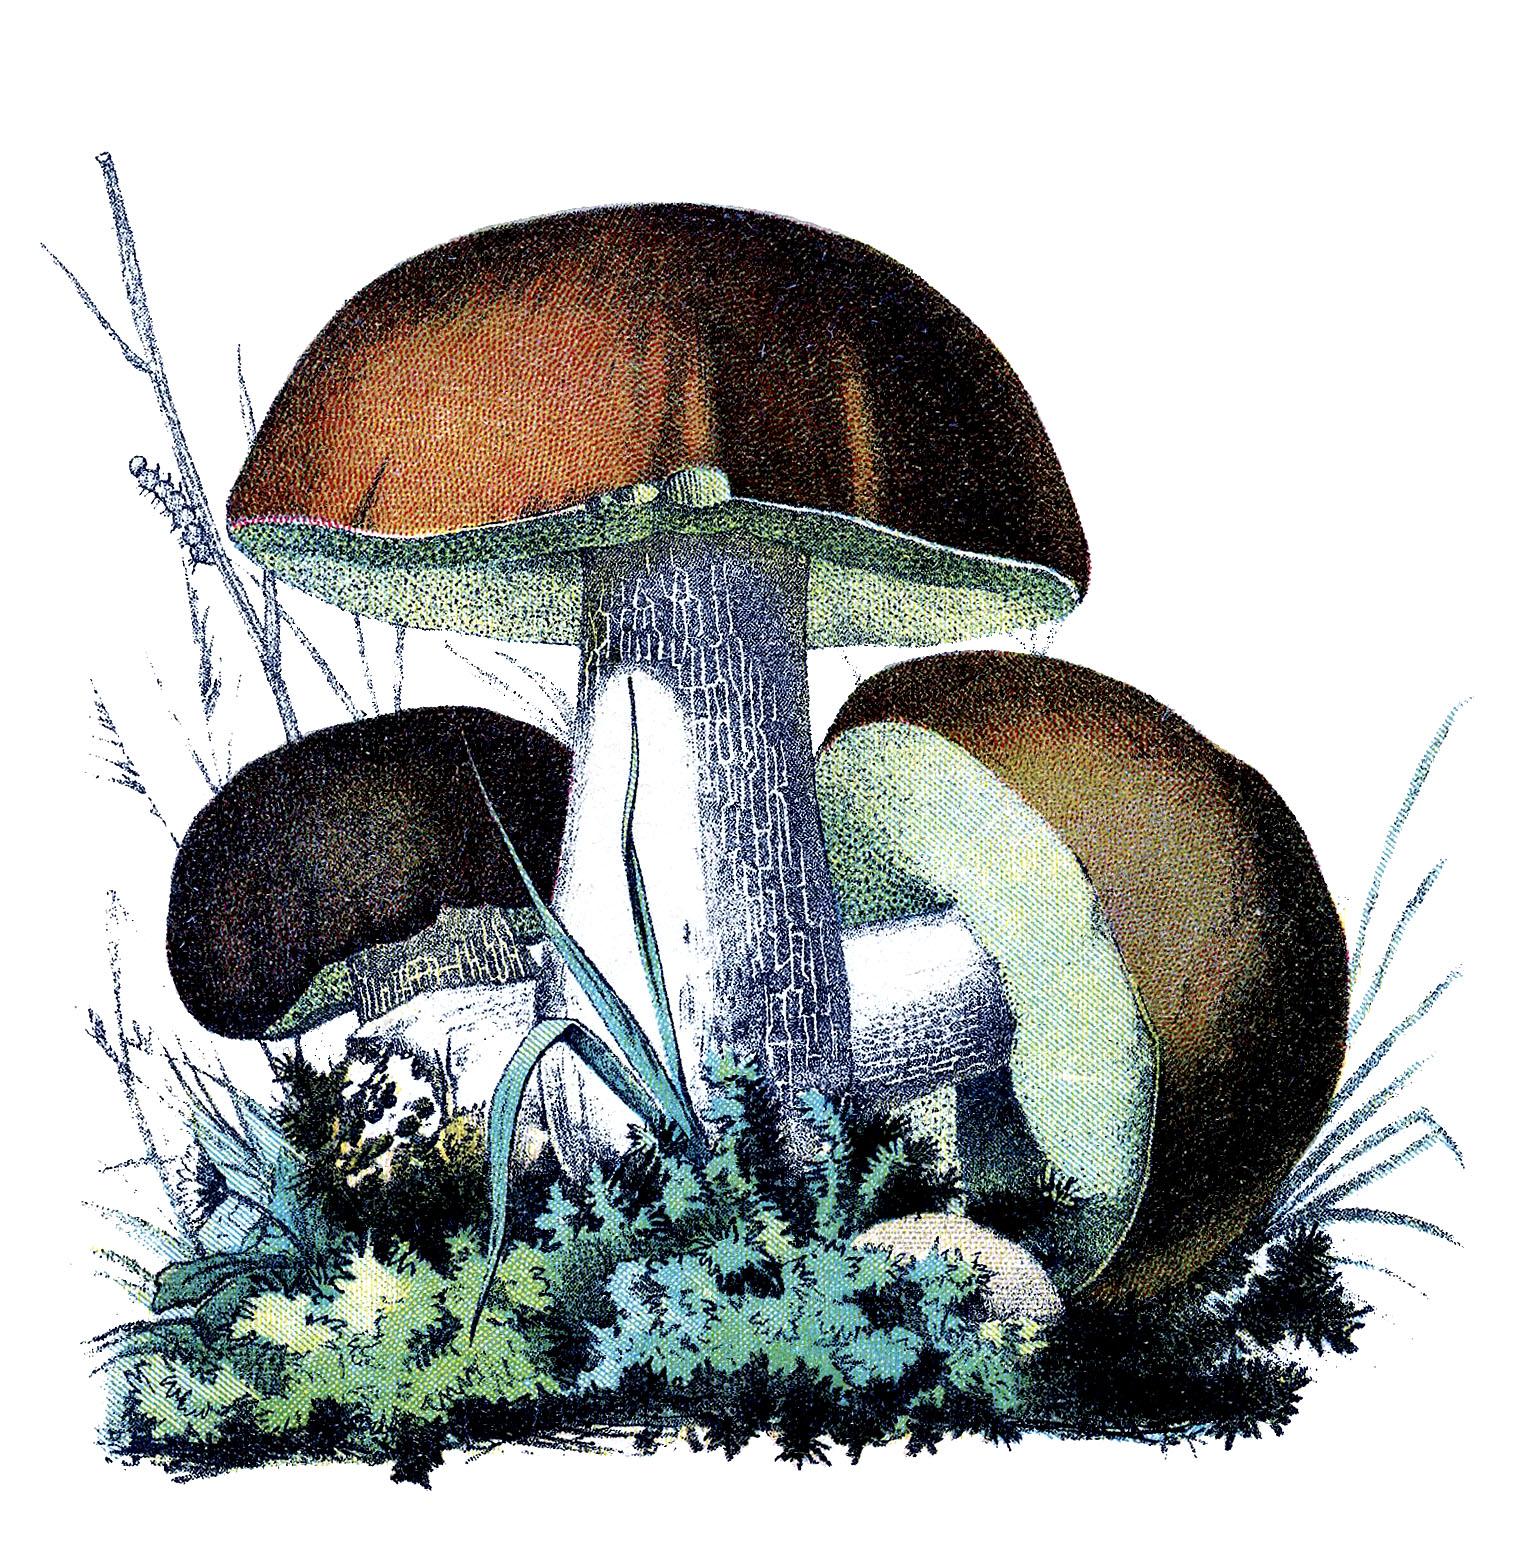 Vintage Botanical Graphics - Mushrooms - The Graphics Fairy  Vintage Botanic...